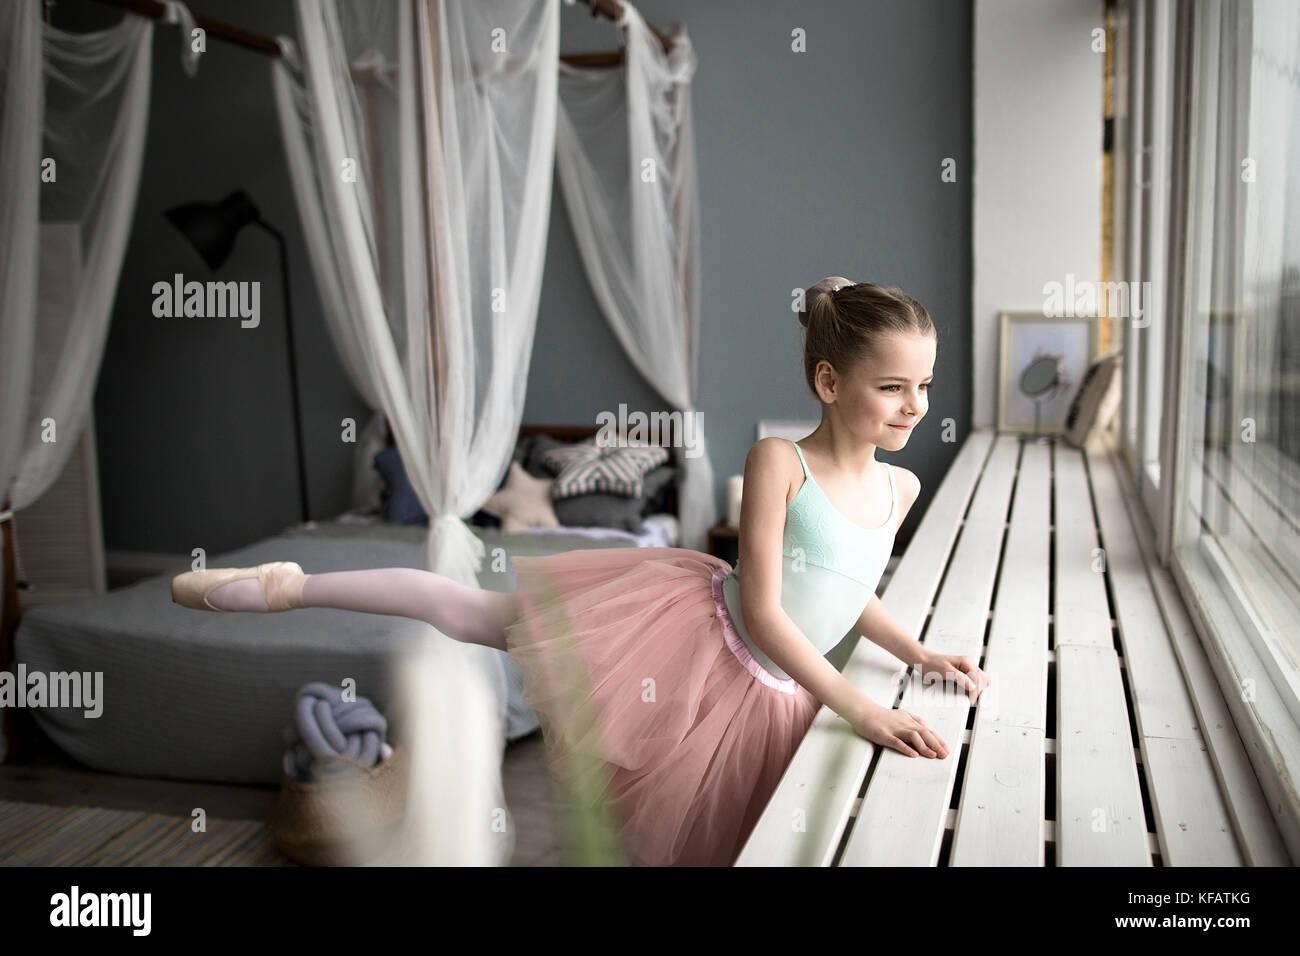 Carino little ballerina in rosa ballet costume e pointe scarpe è in ballo la camera. Bambino ragazza è Immagini Stock